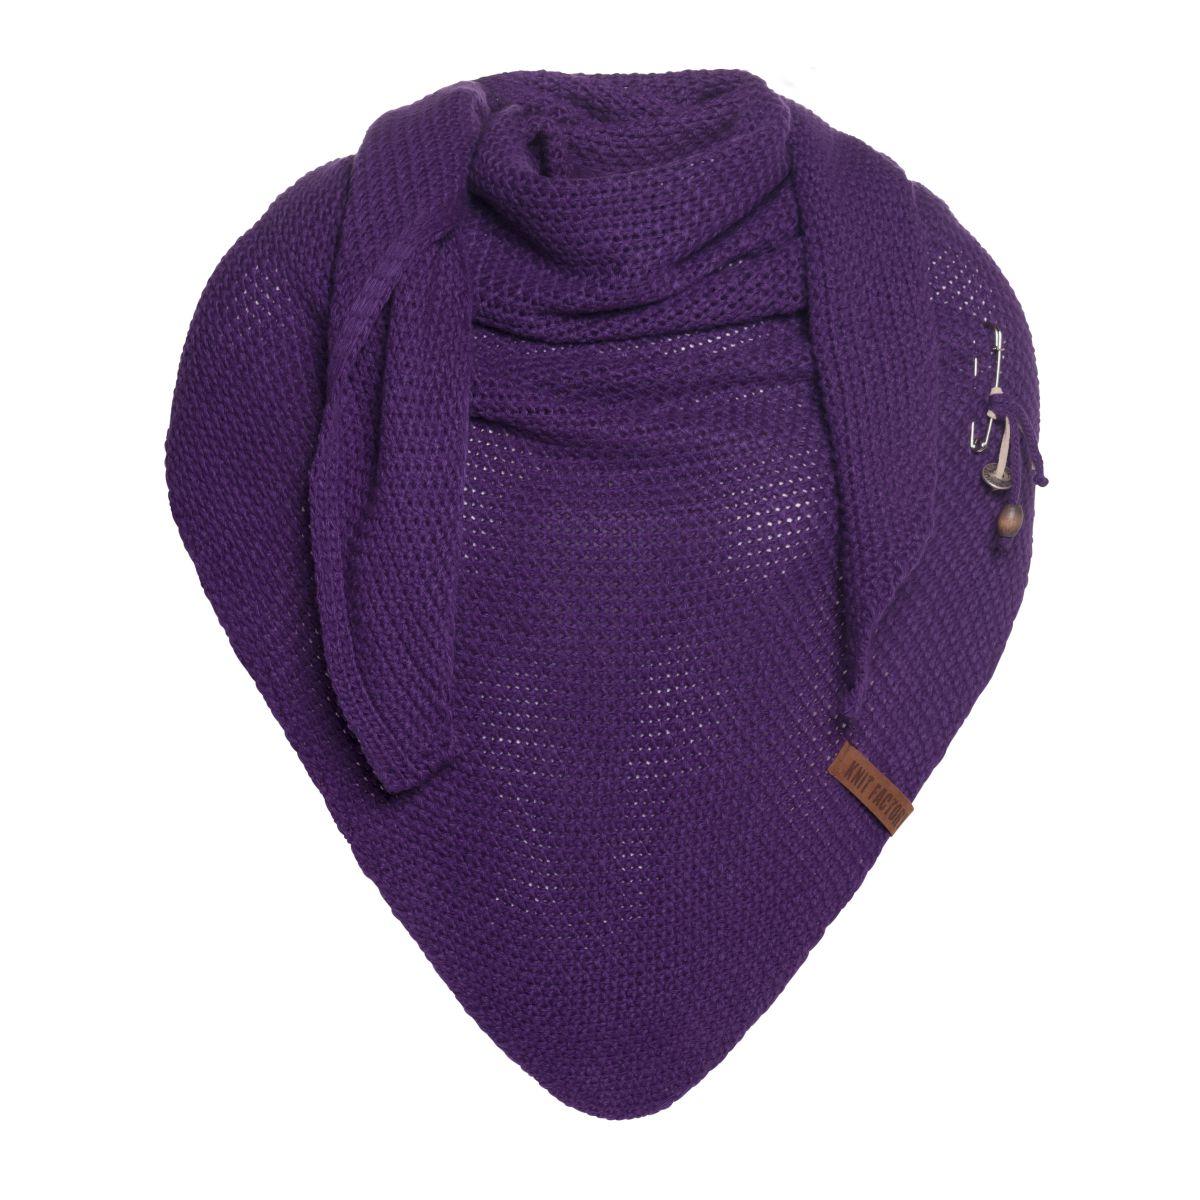 knit factory kf12006012350 coco omslagdoek violet 1